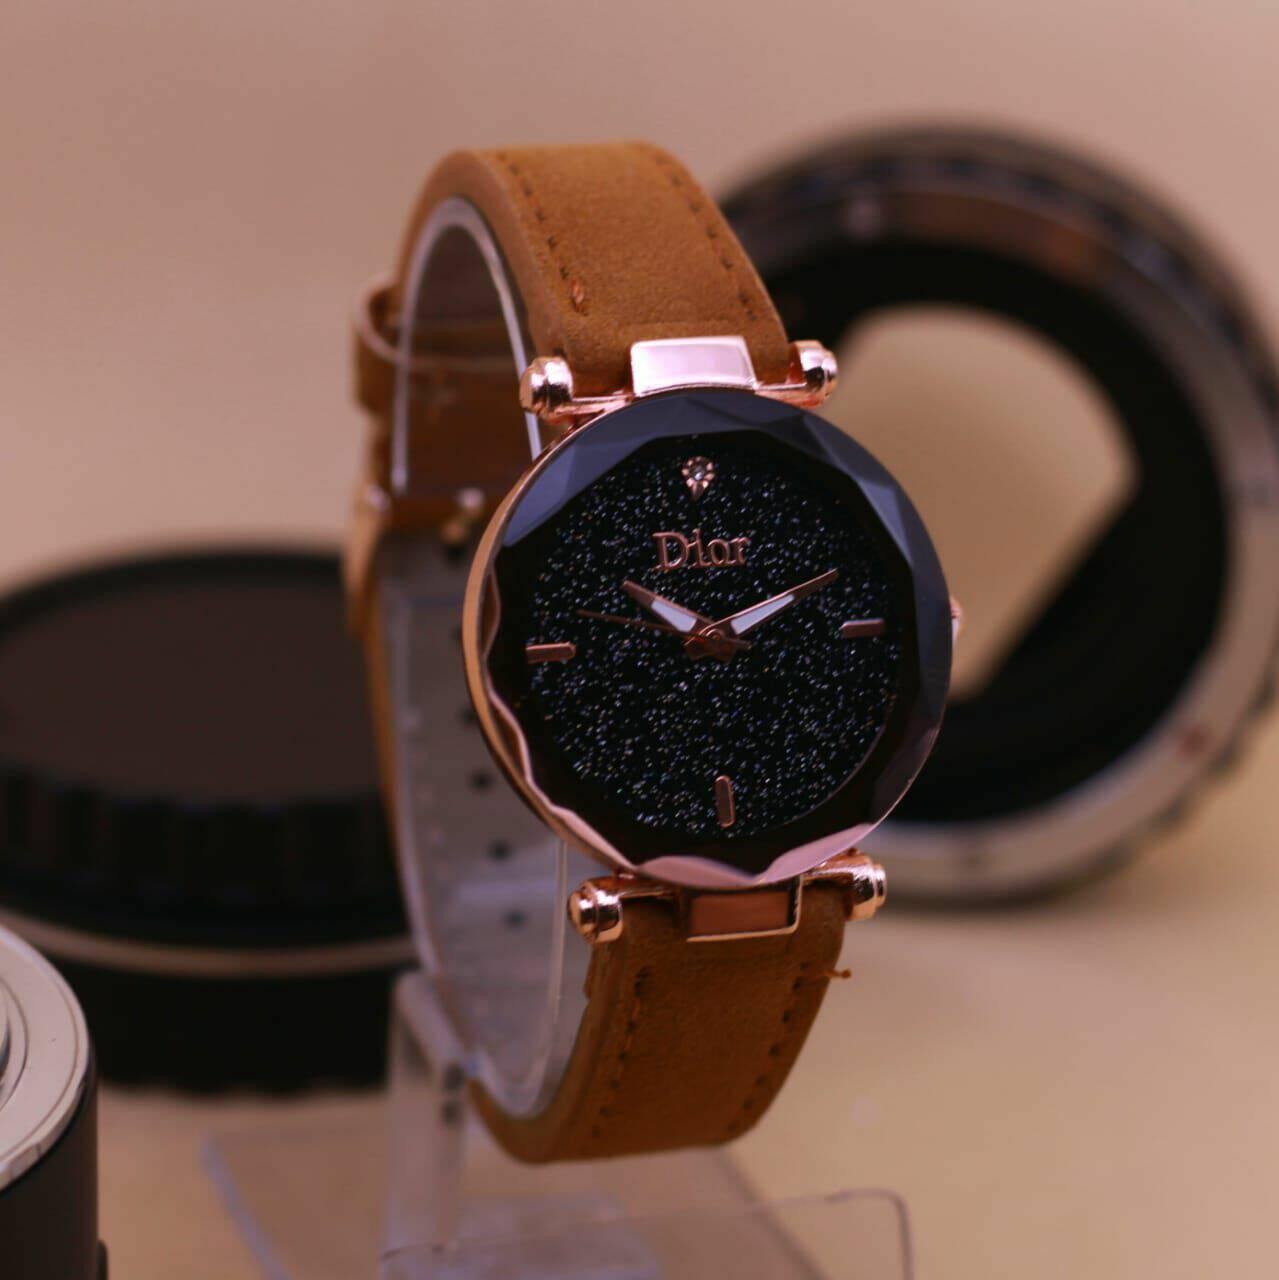 jam tangan wanita Dior Premium Quality tali kulit DR-8175